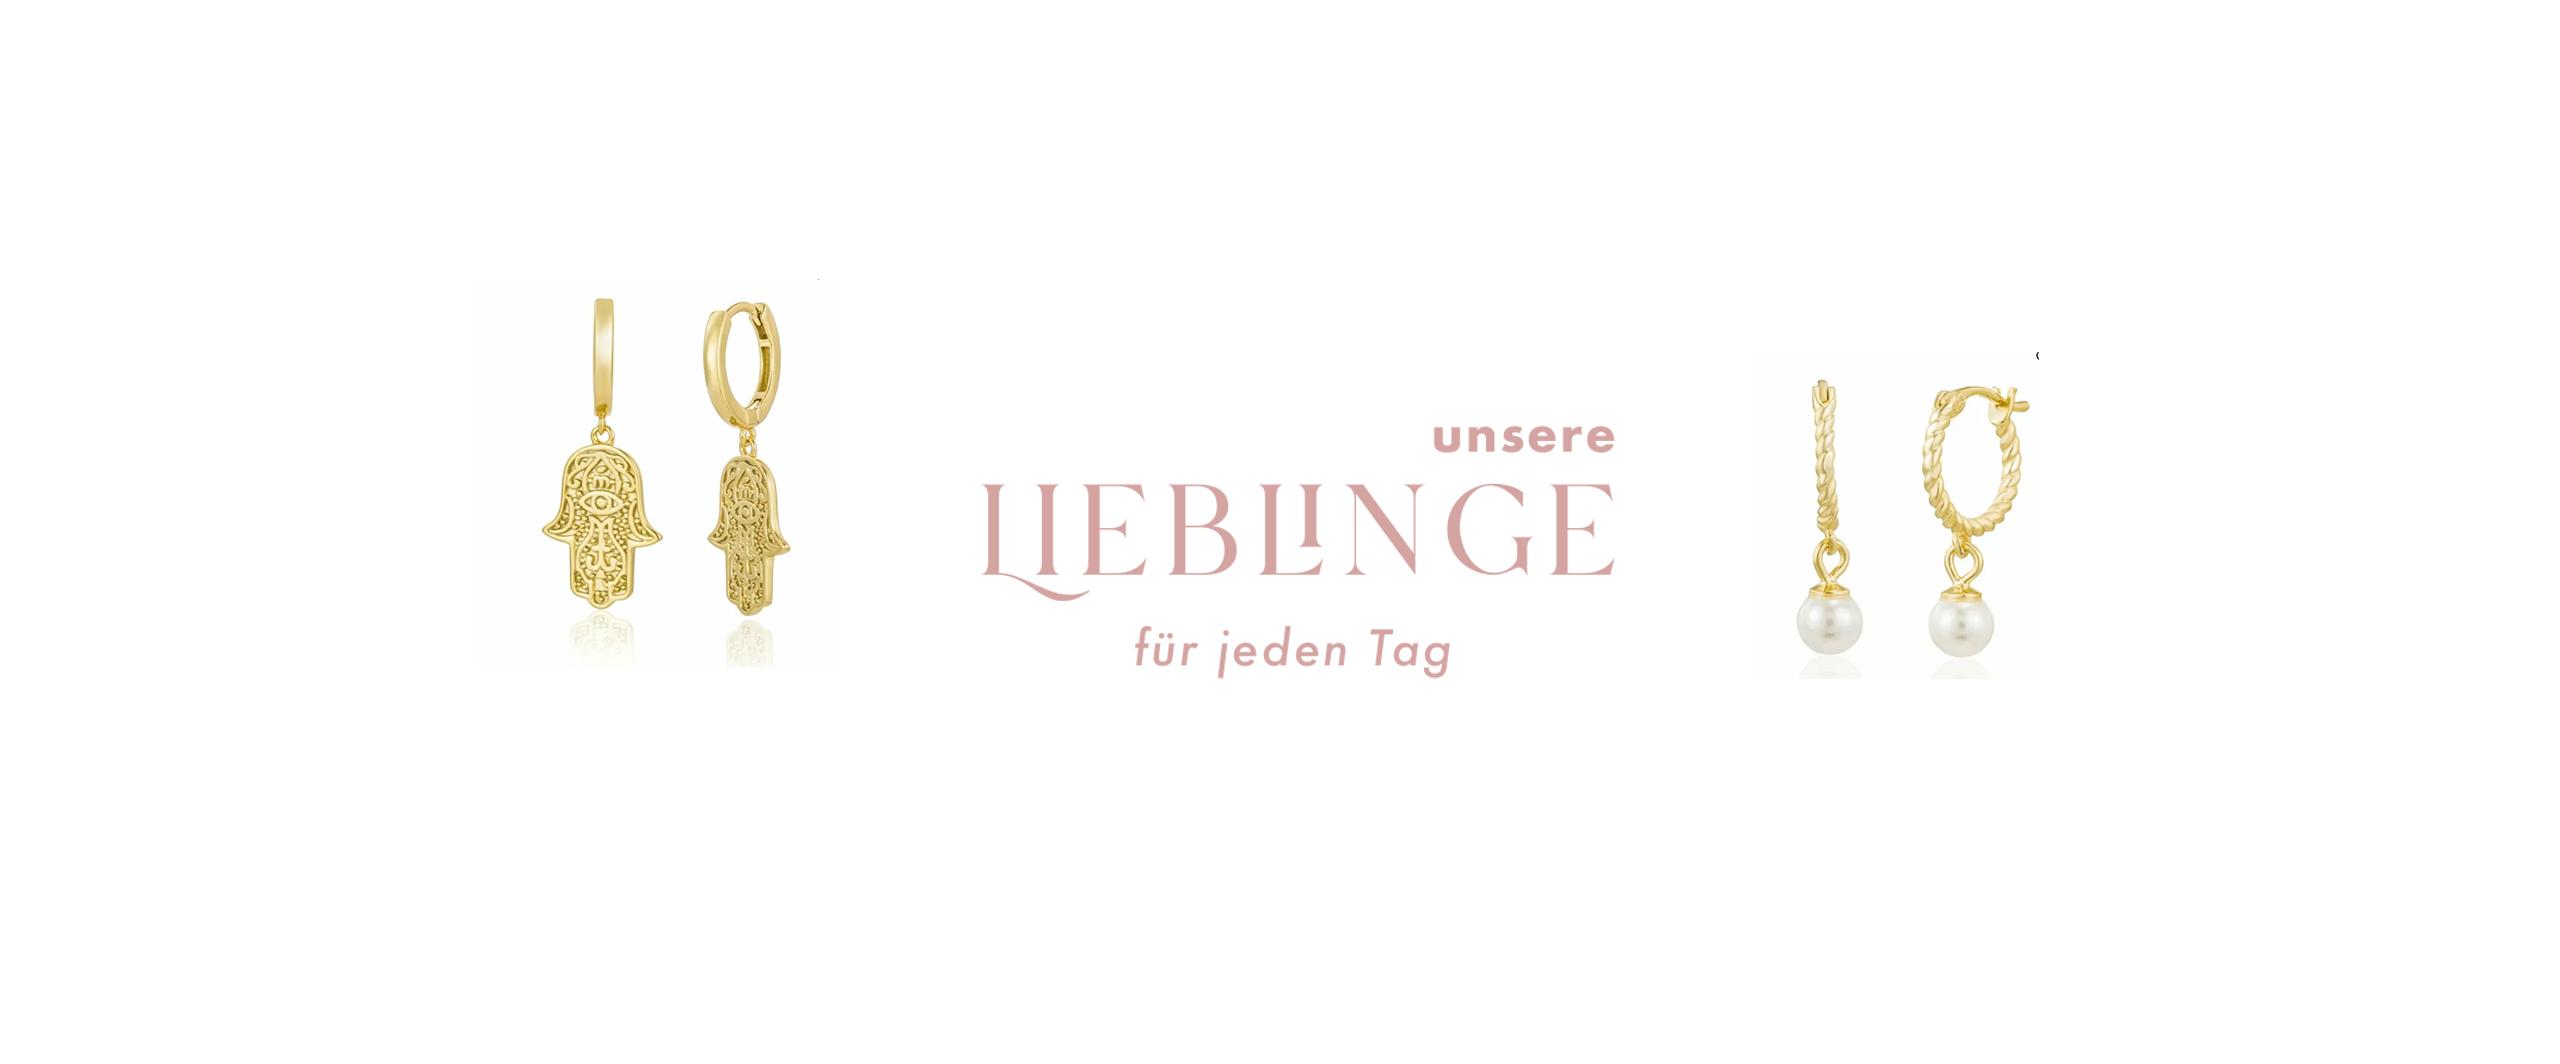 lieblinge-jedentag2